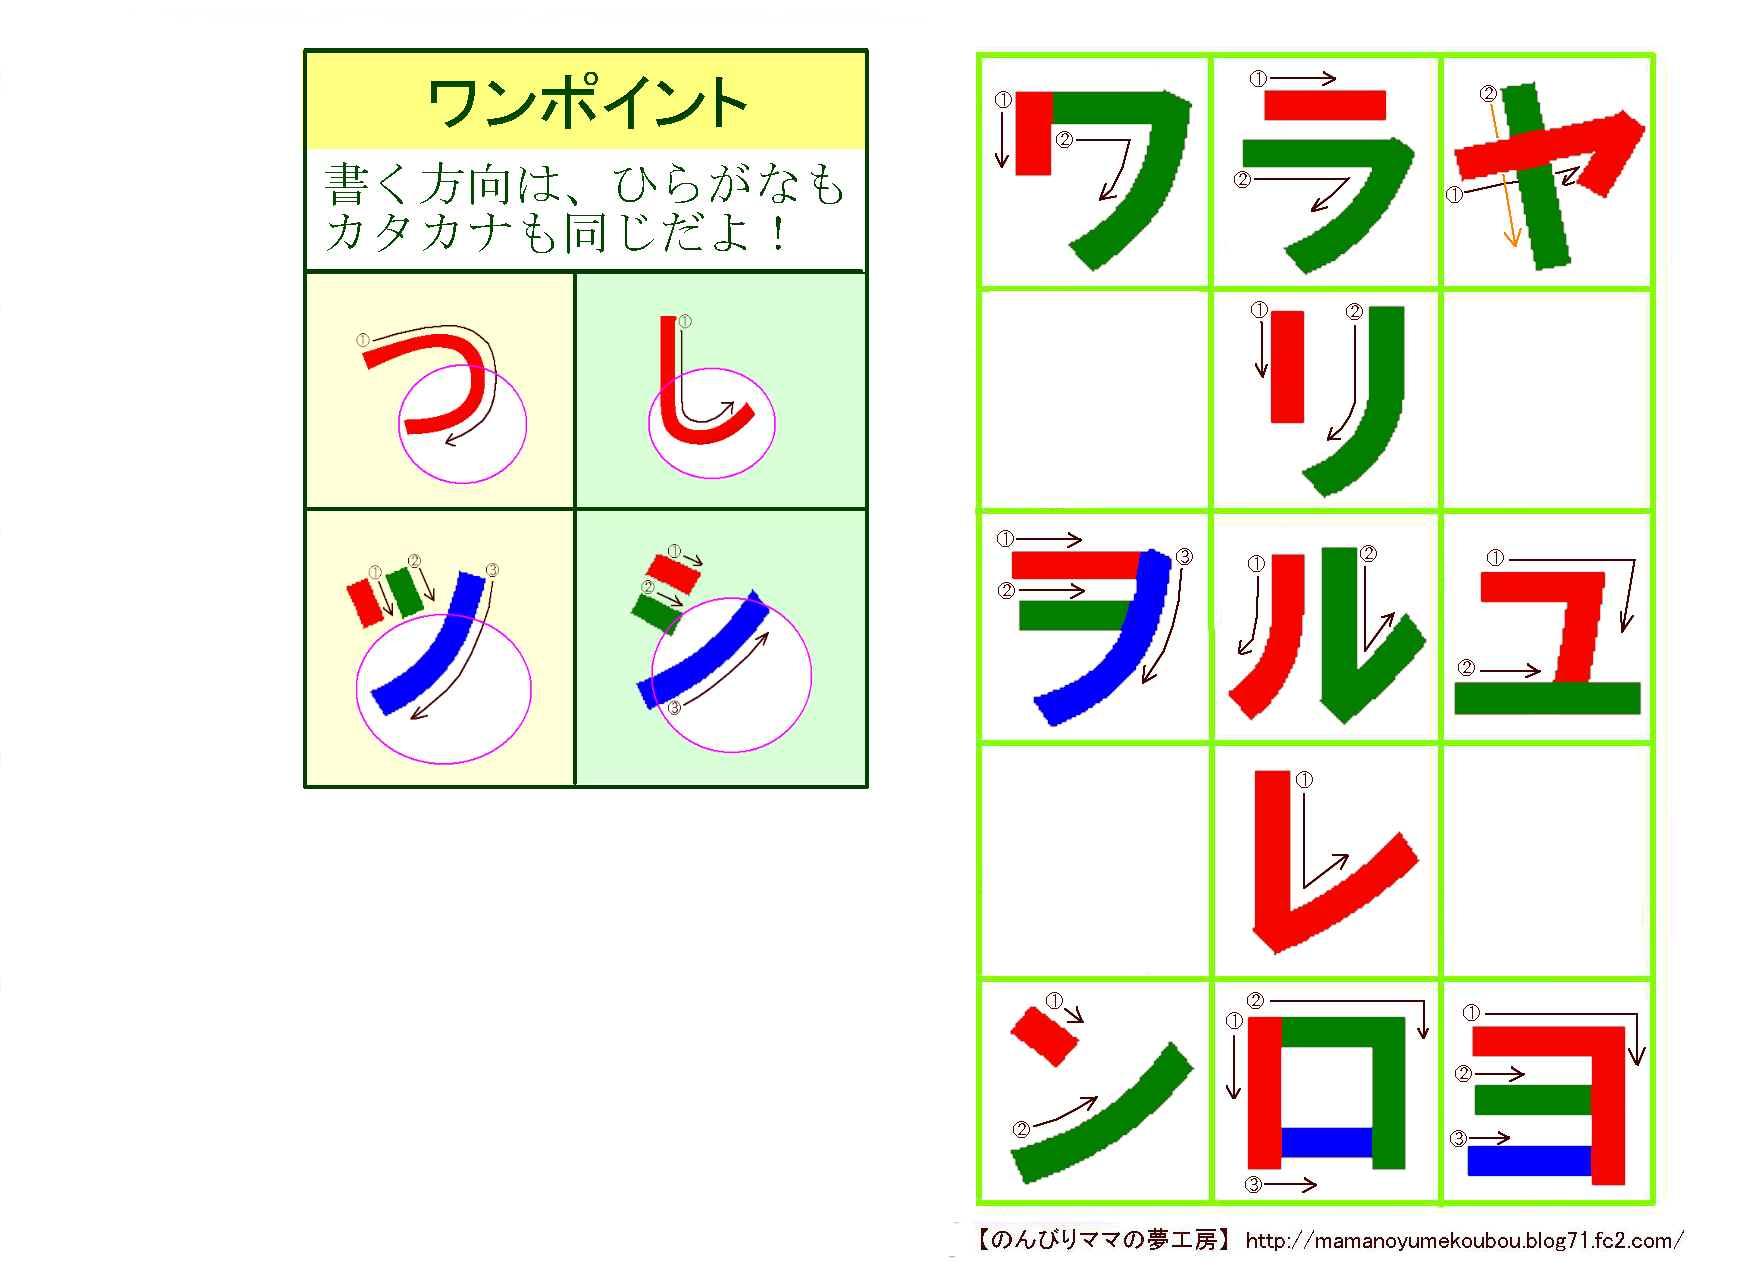 ひらがな ひらがな カタカナ 表 : Katakana Stroke Order Chart